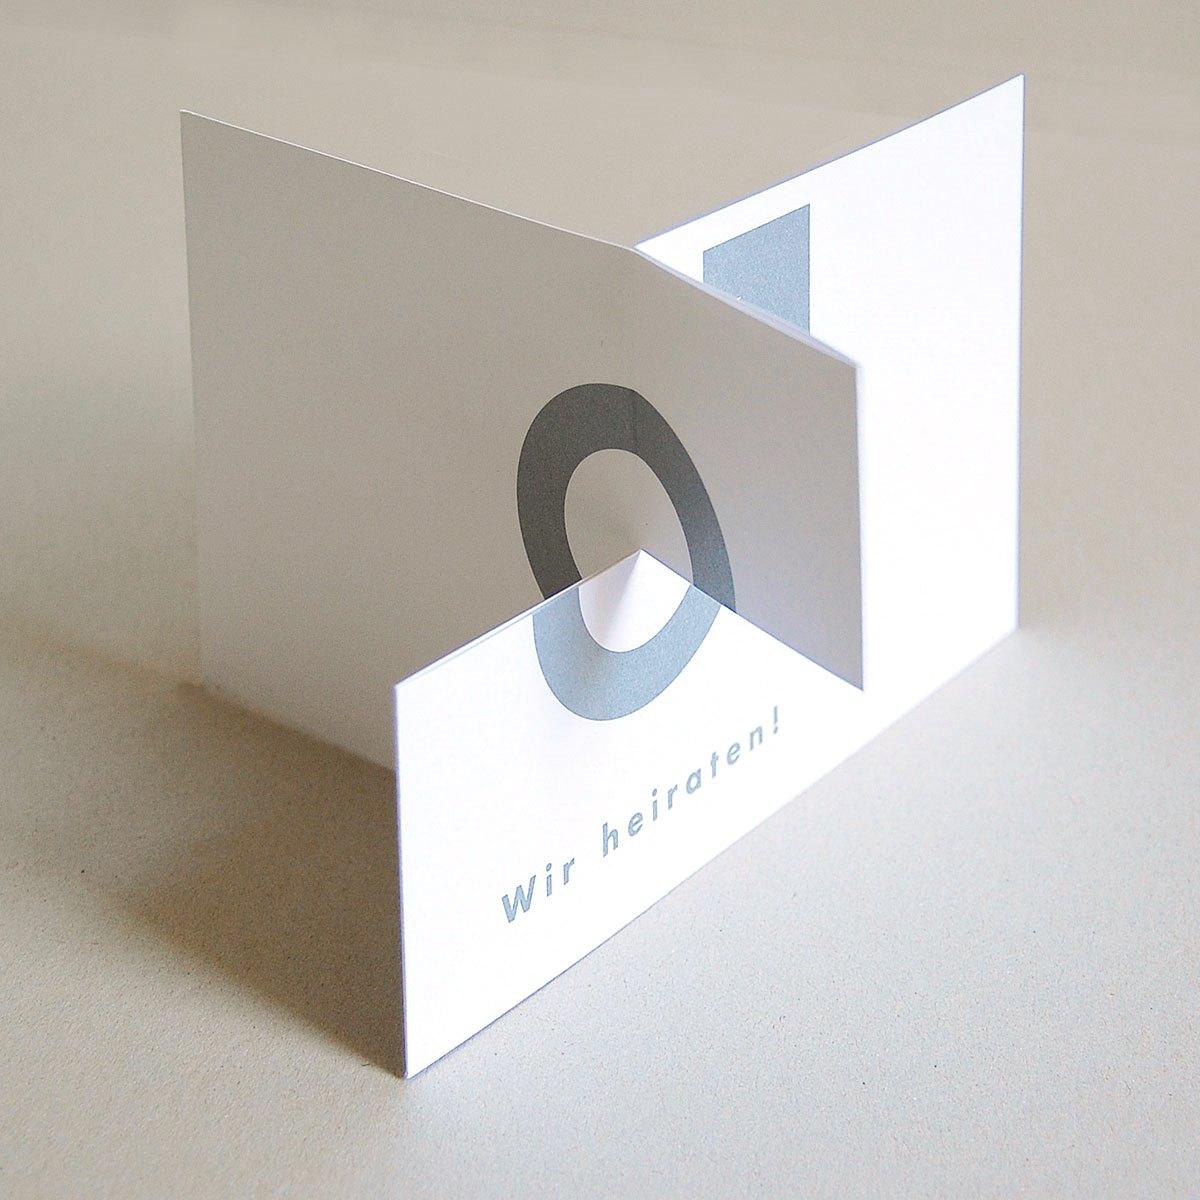 Ungewohnliche Hochzeitskarten Michael Marschall Wir Heiraten